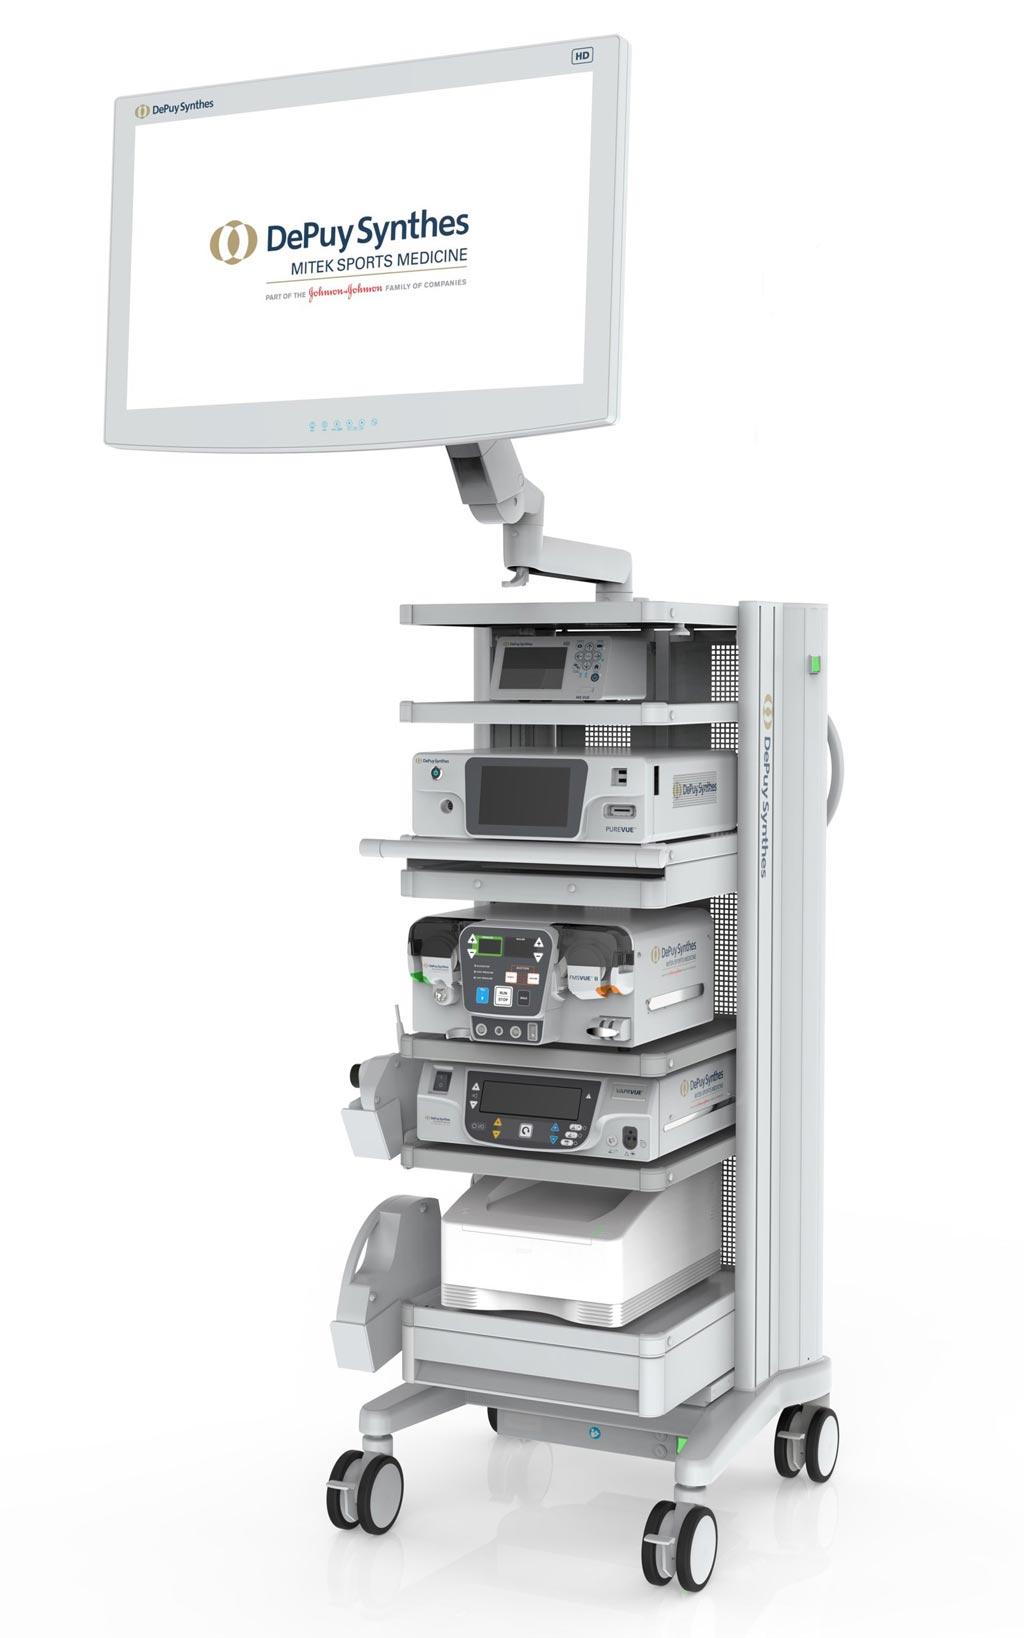 Imagen: Carro de la torre de componentes del sistema de visualización PUREVUE (Fotografía cortesía de DePuy Synthes).